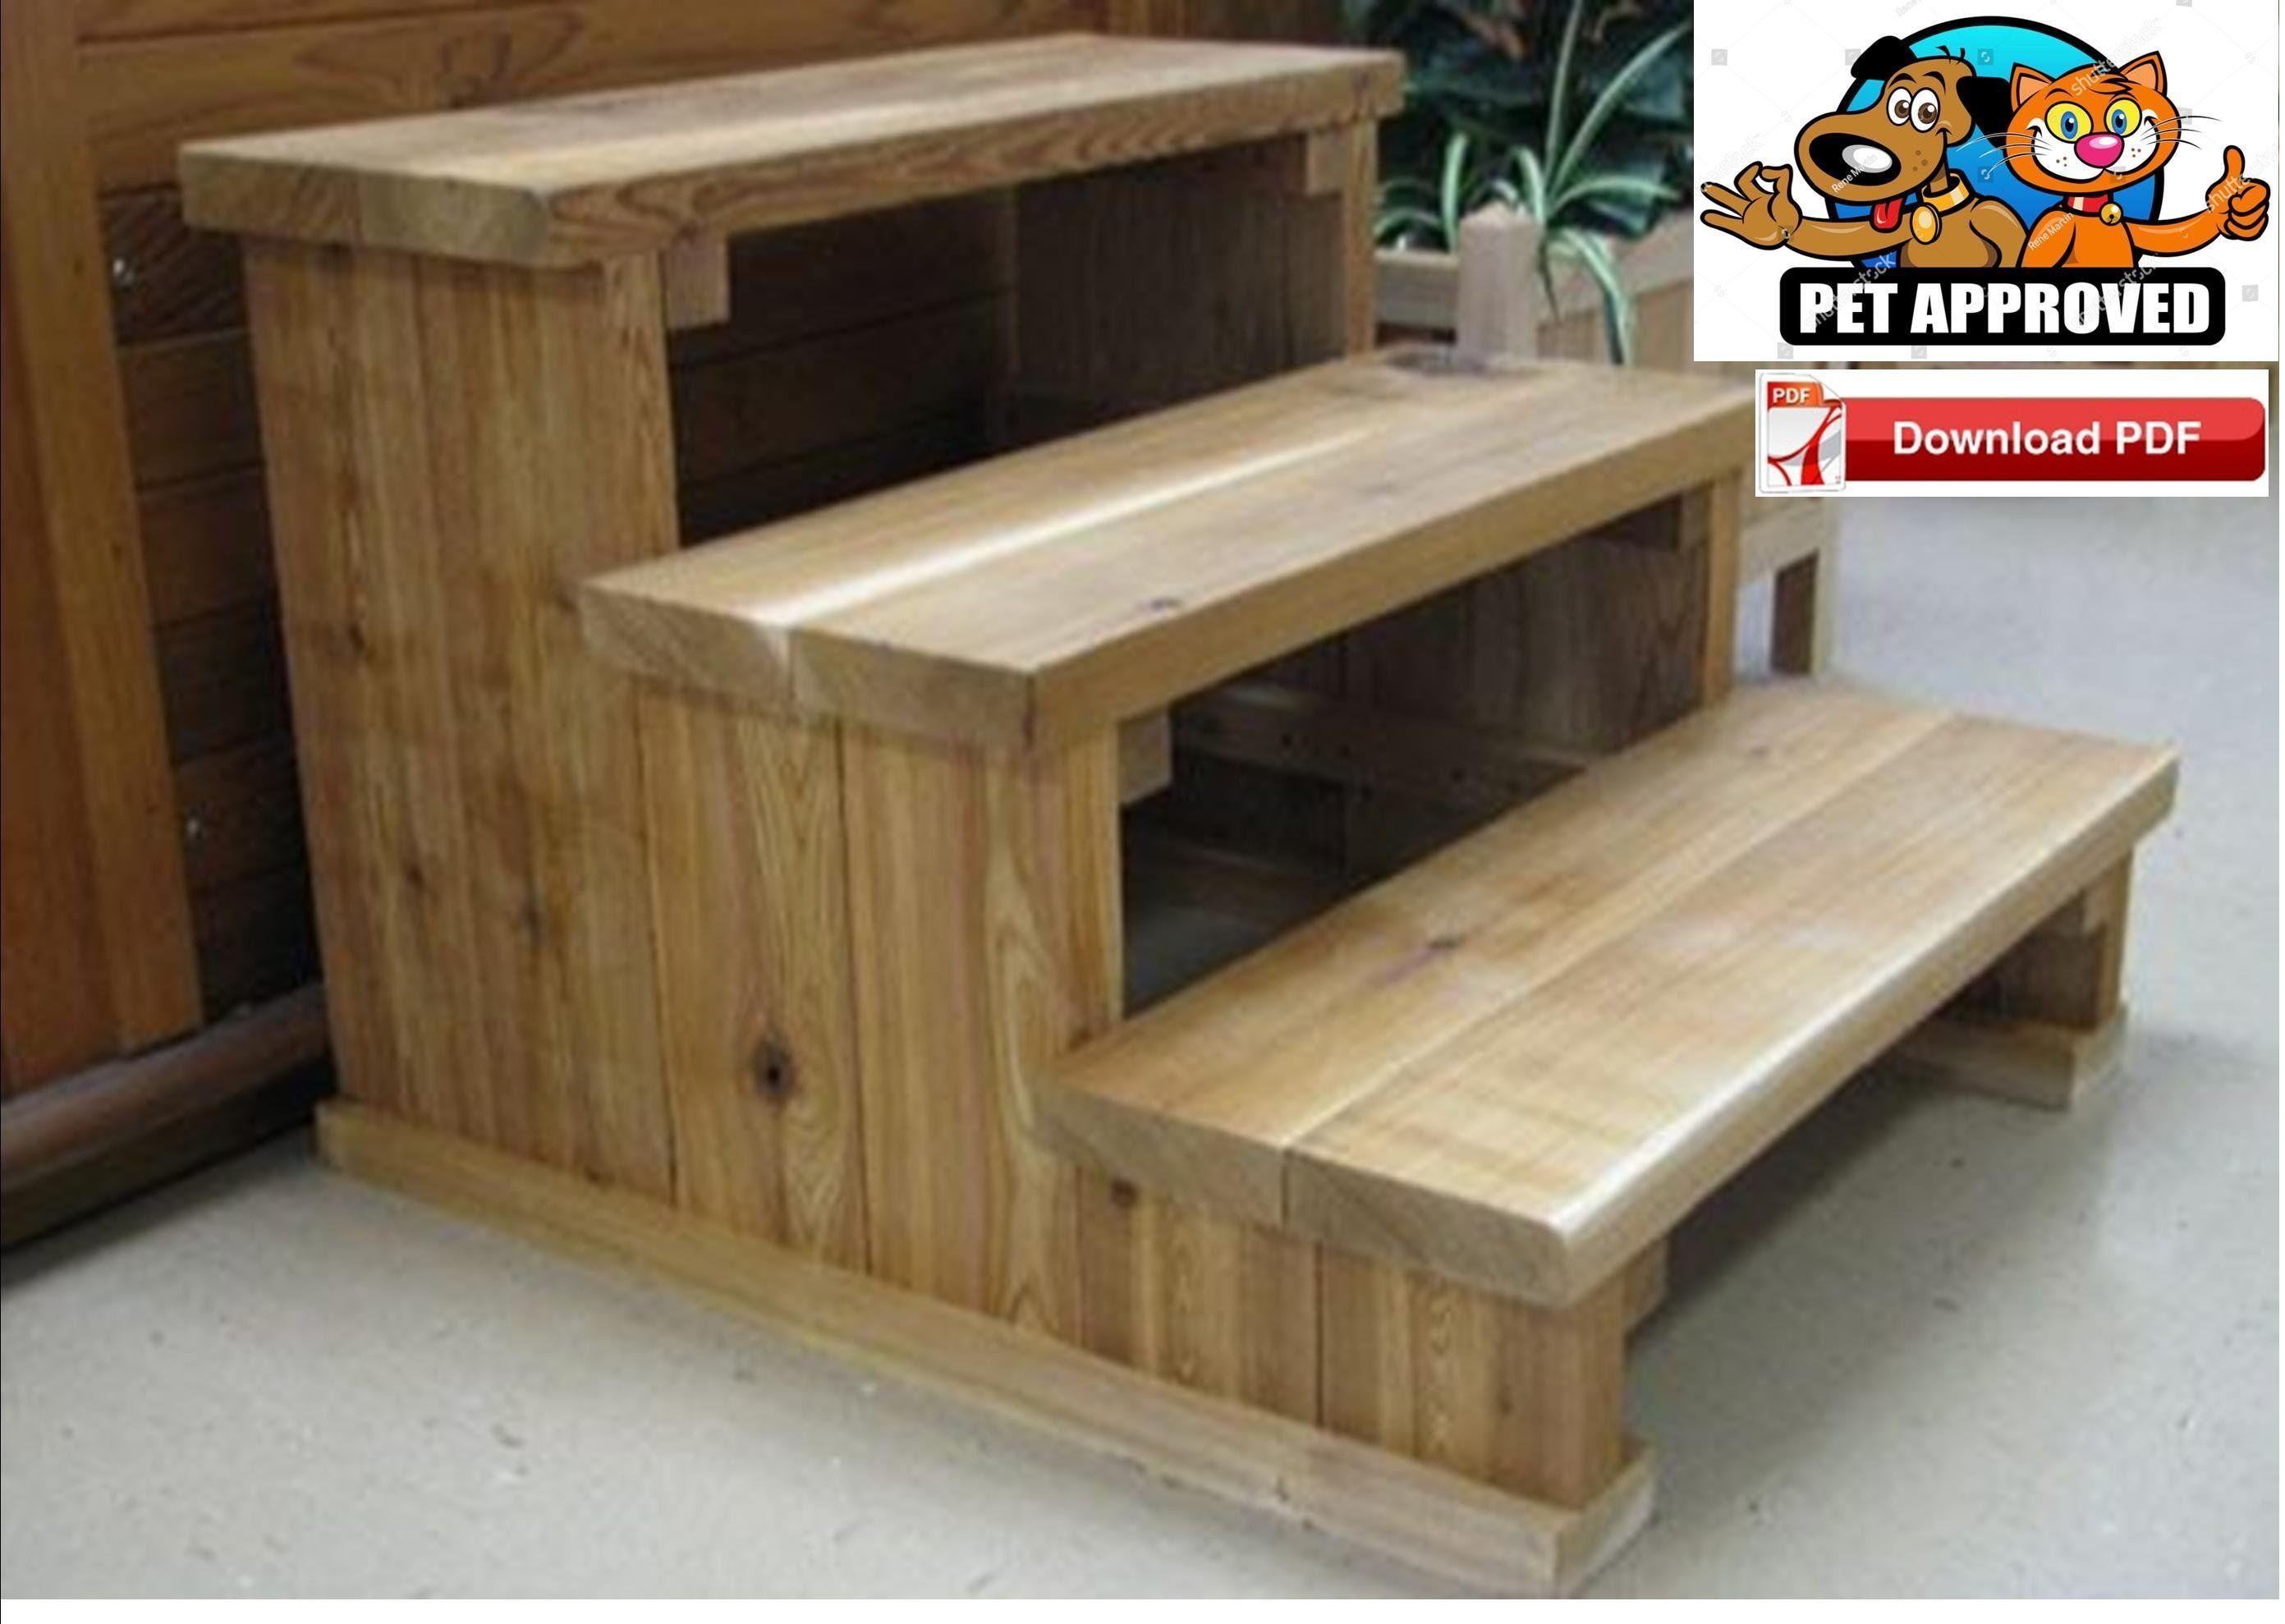 Pet Steps Plan Pet Stair Plan Dog Steps Plan Dog Stair Plan Animal